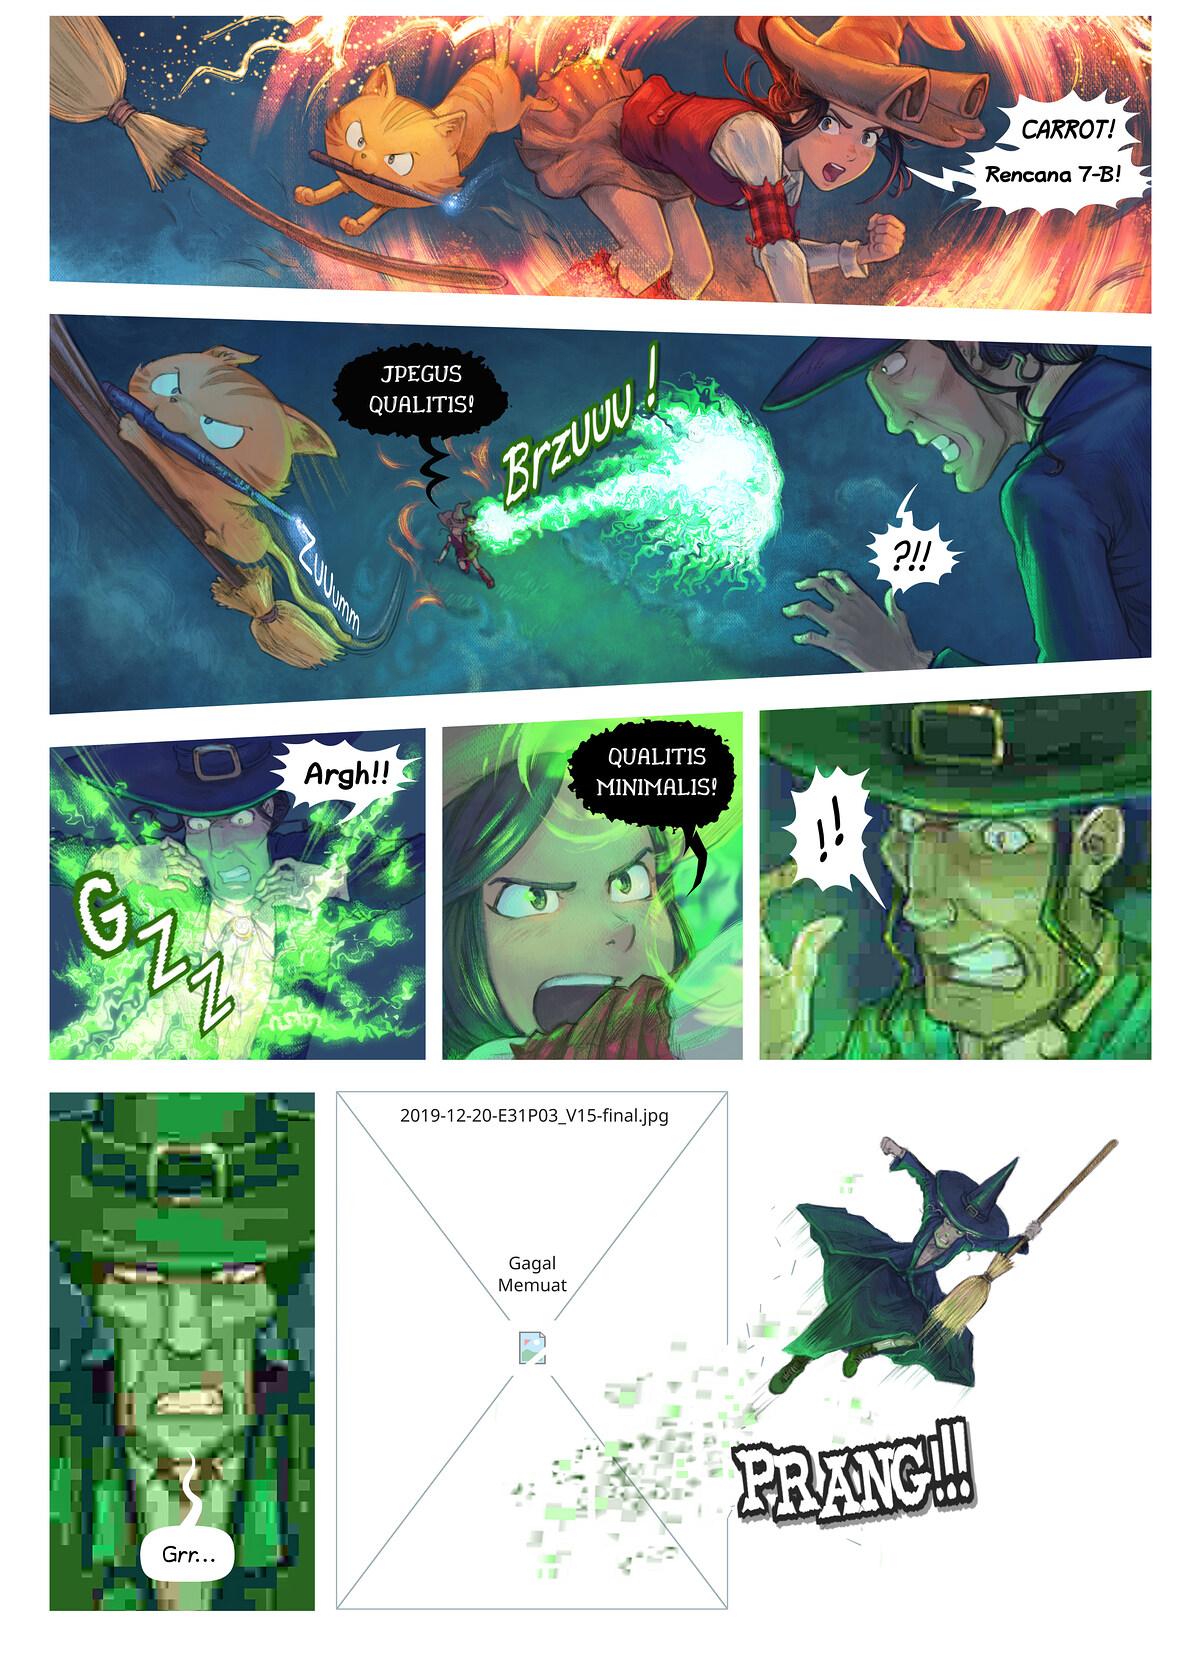 Episode 31: Pertarungan, Page 3